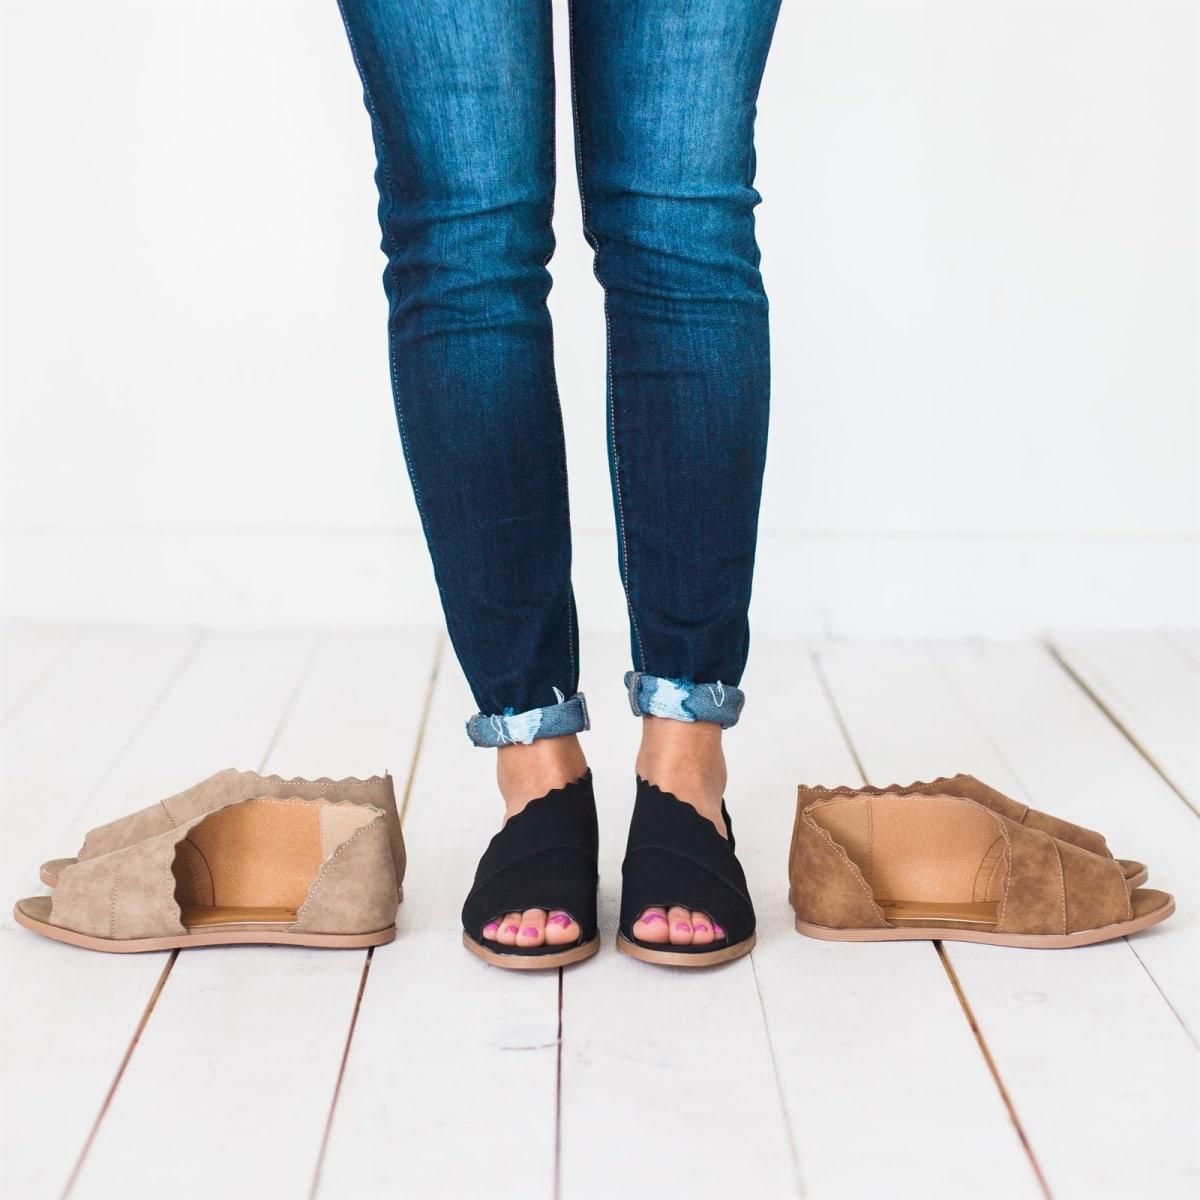 Scalloped Peep-Toe Flats   Jane